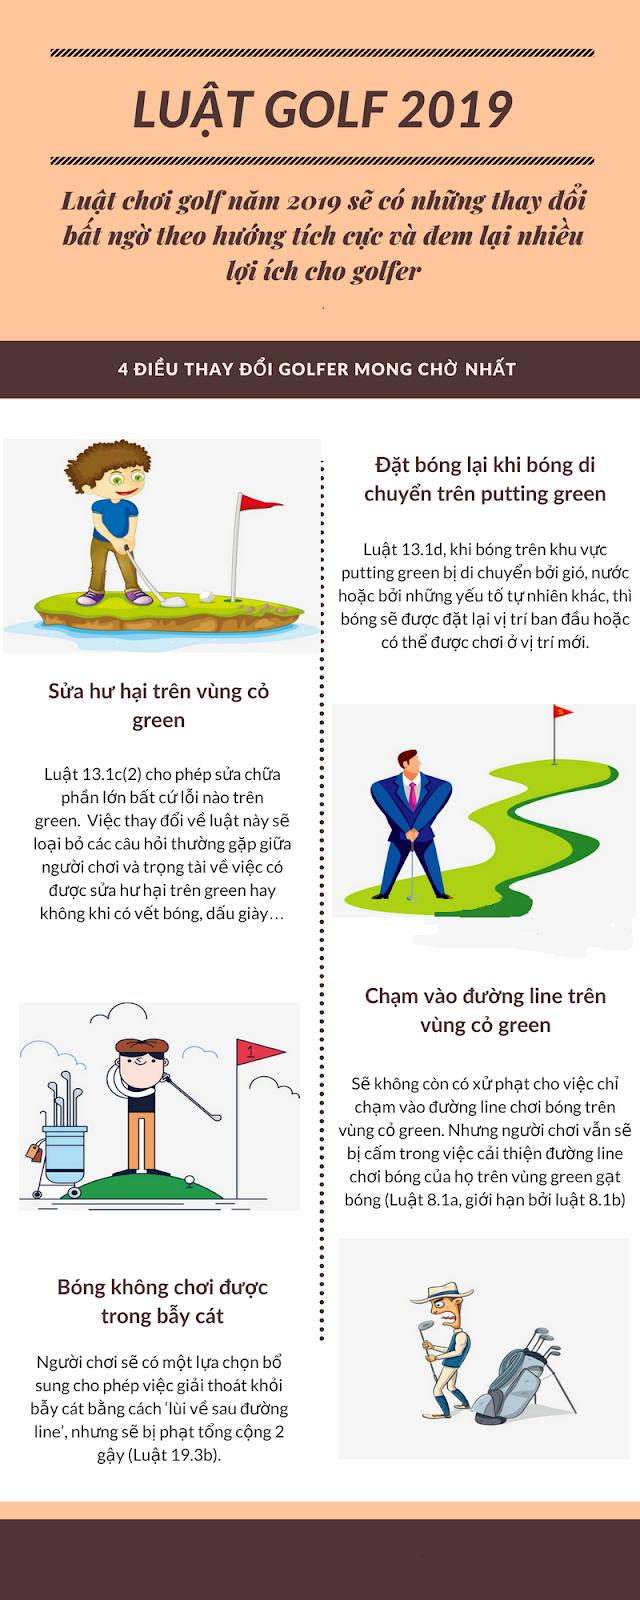 Luật golf 2019 – những thay đổi golfer mong chờ nhất